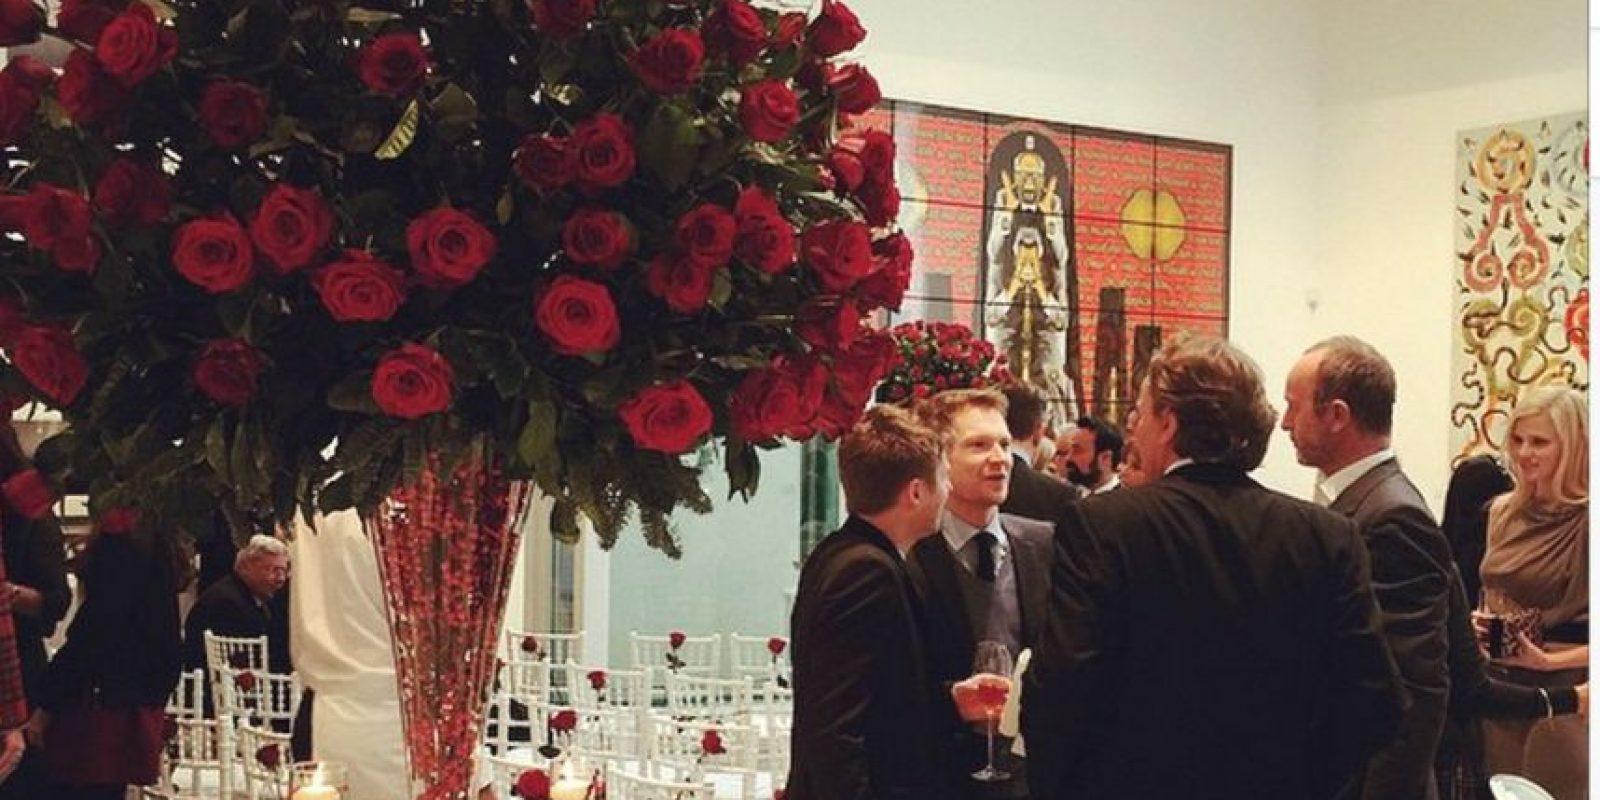 El lugar de la fiesta Foto:Instagram @eltonjohn